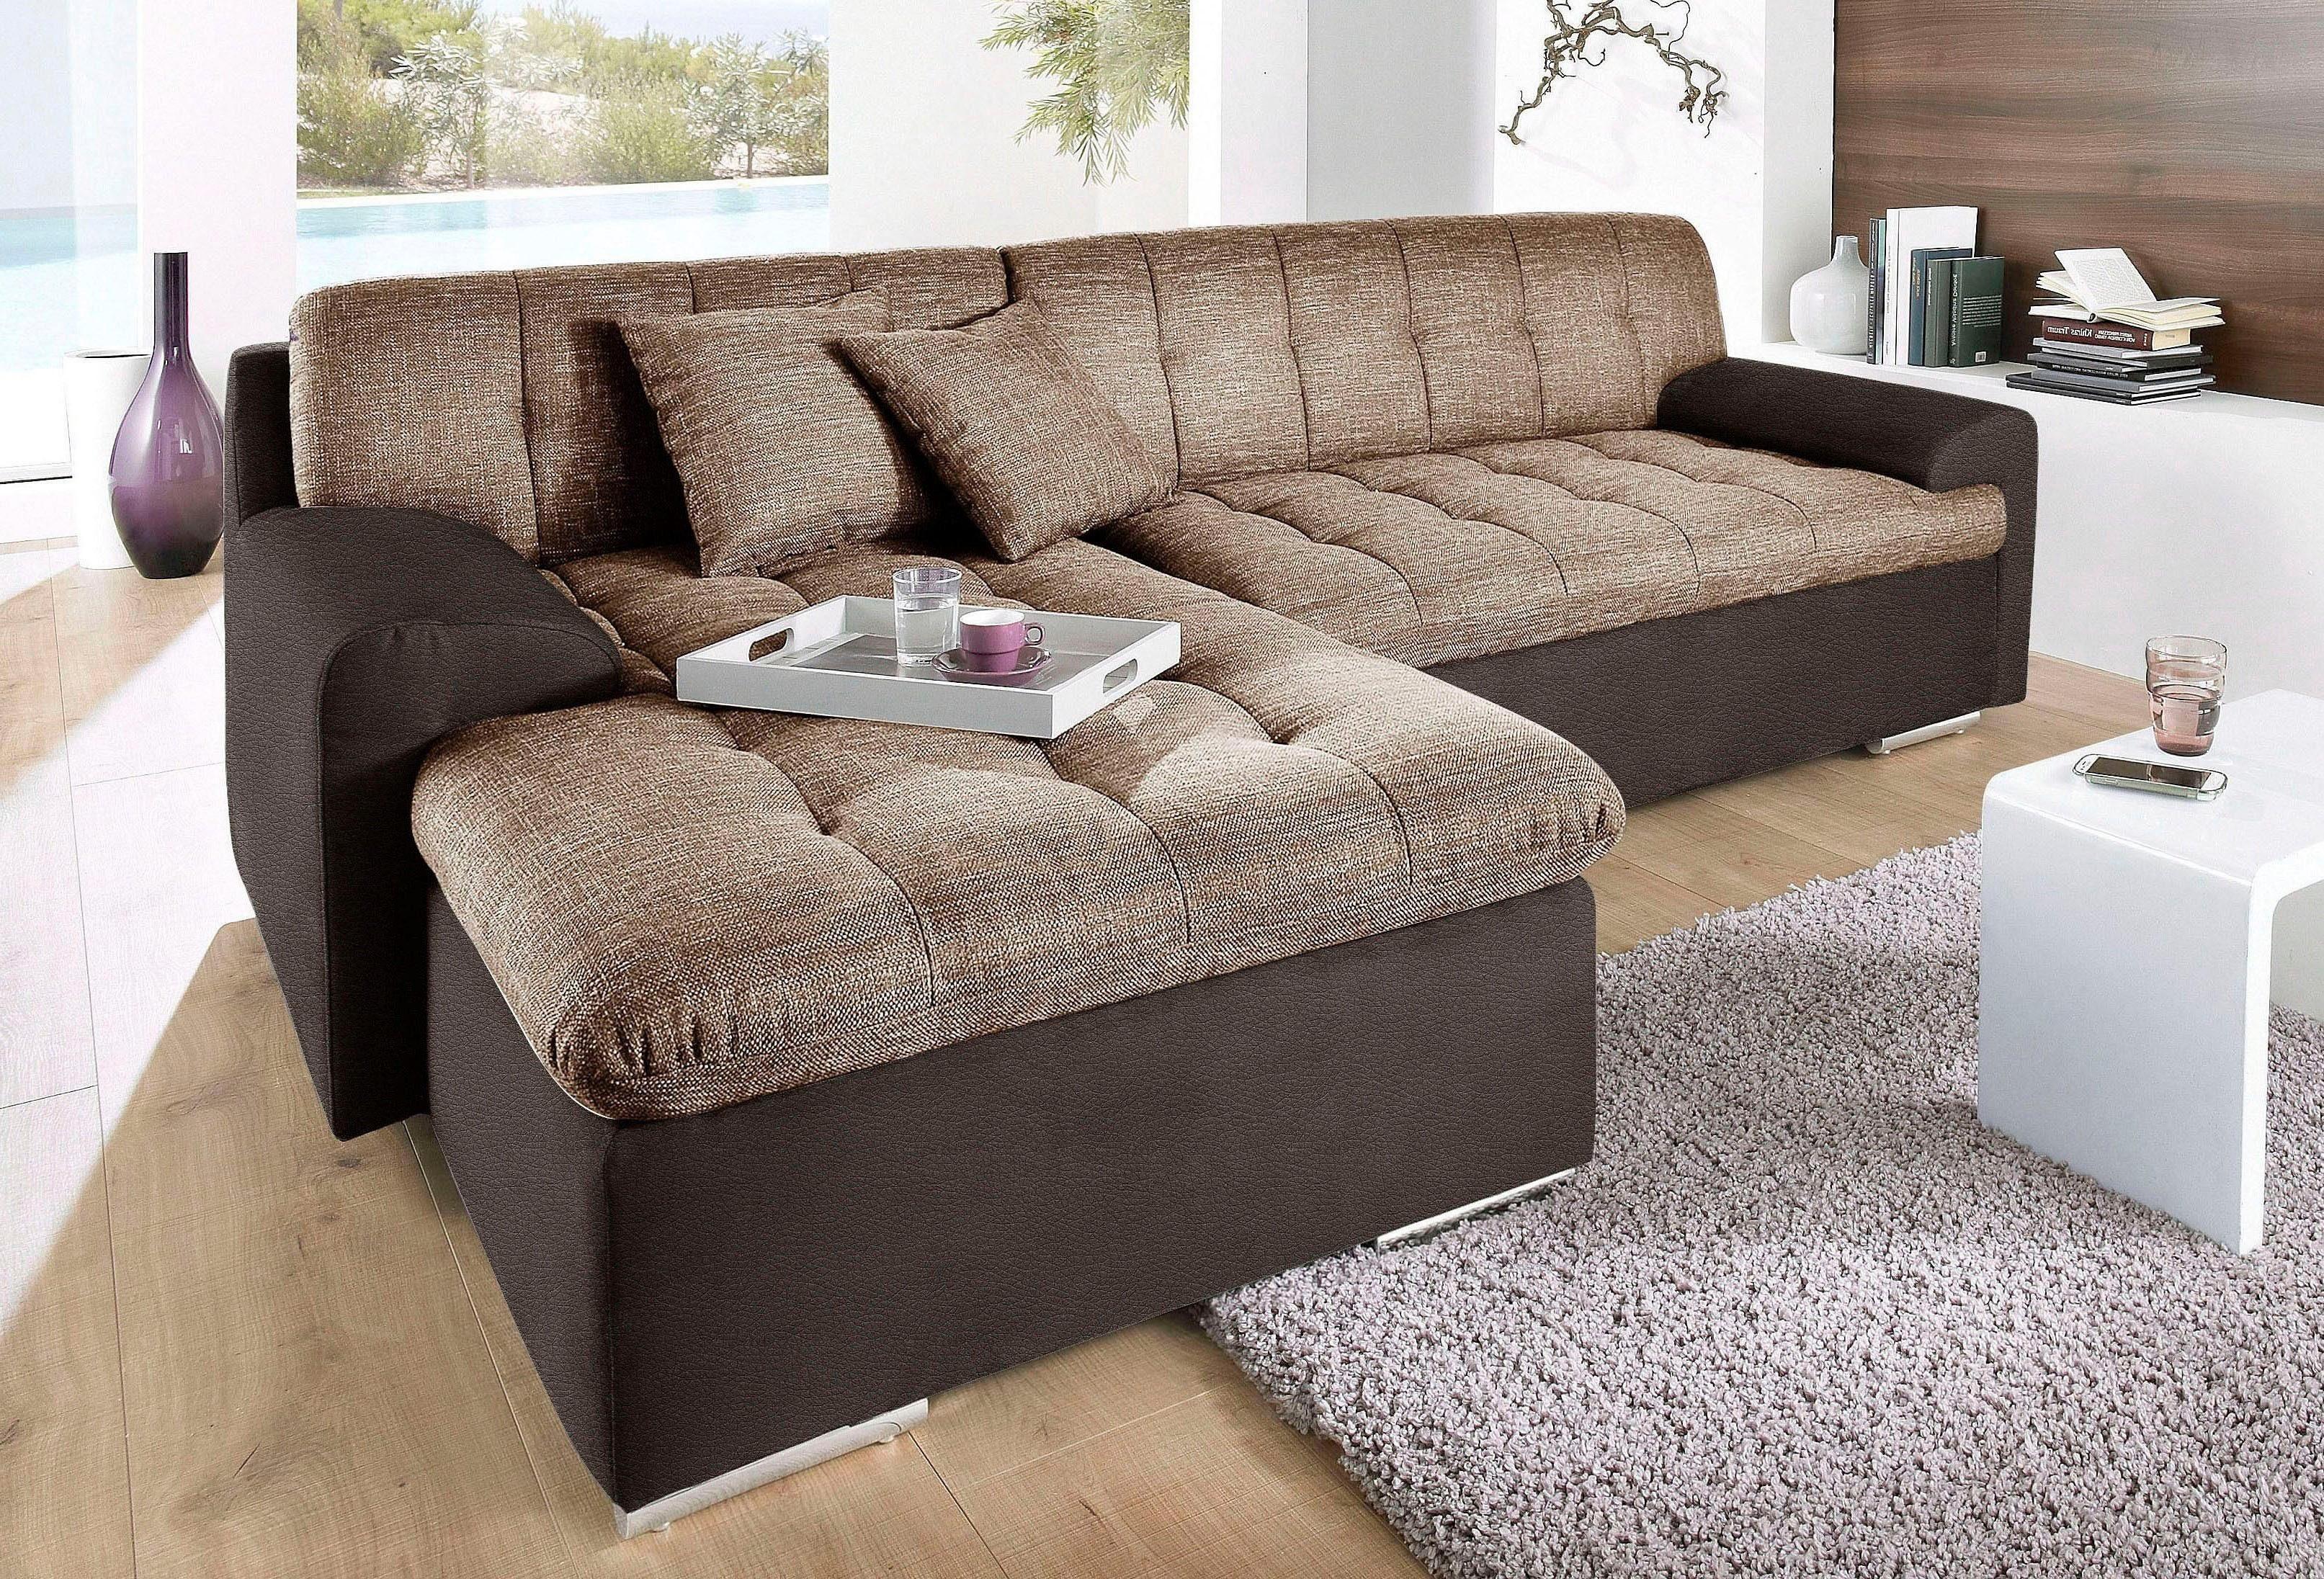 trendmanufaktur polsterecke wahlweise mit bettfunktion moebel suchmaschine. Black Bedroom Furniture Sets. Home Design Ideas